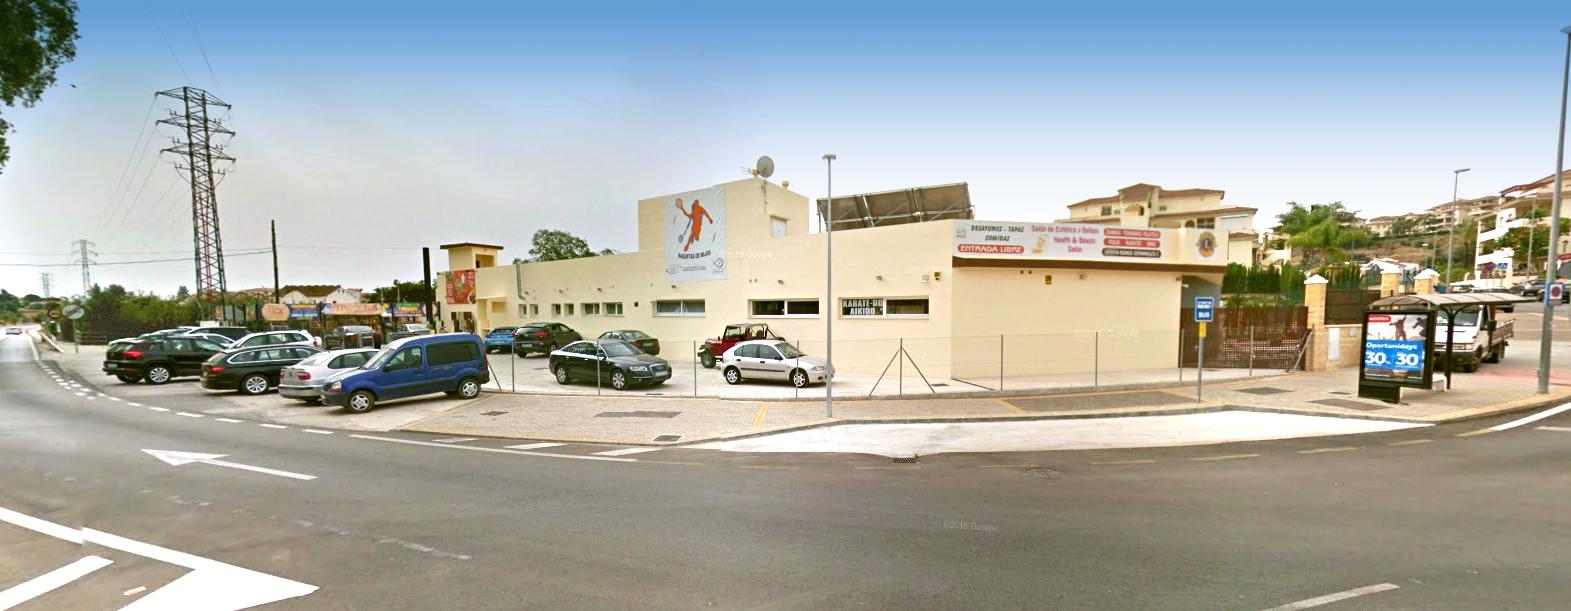 vista-edificio-raquetas-desde-carretera-google-maps